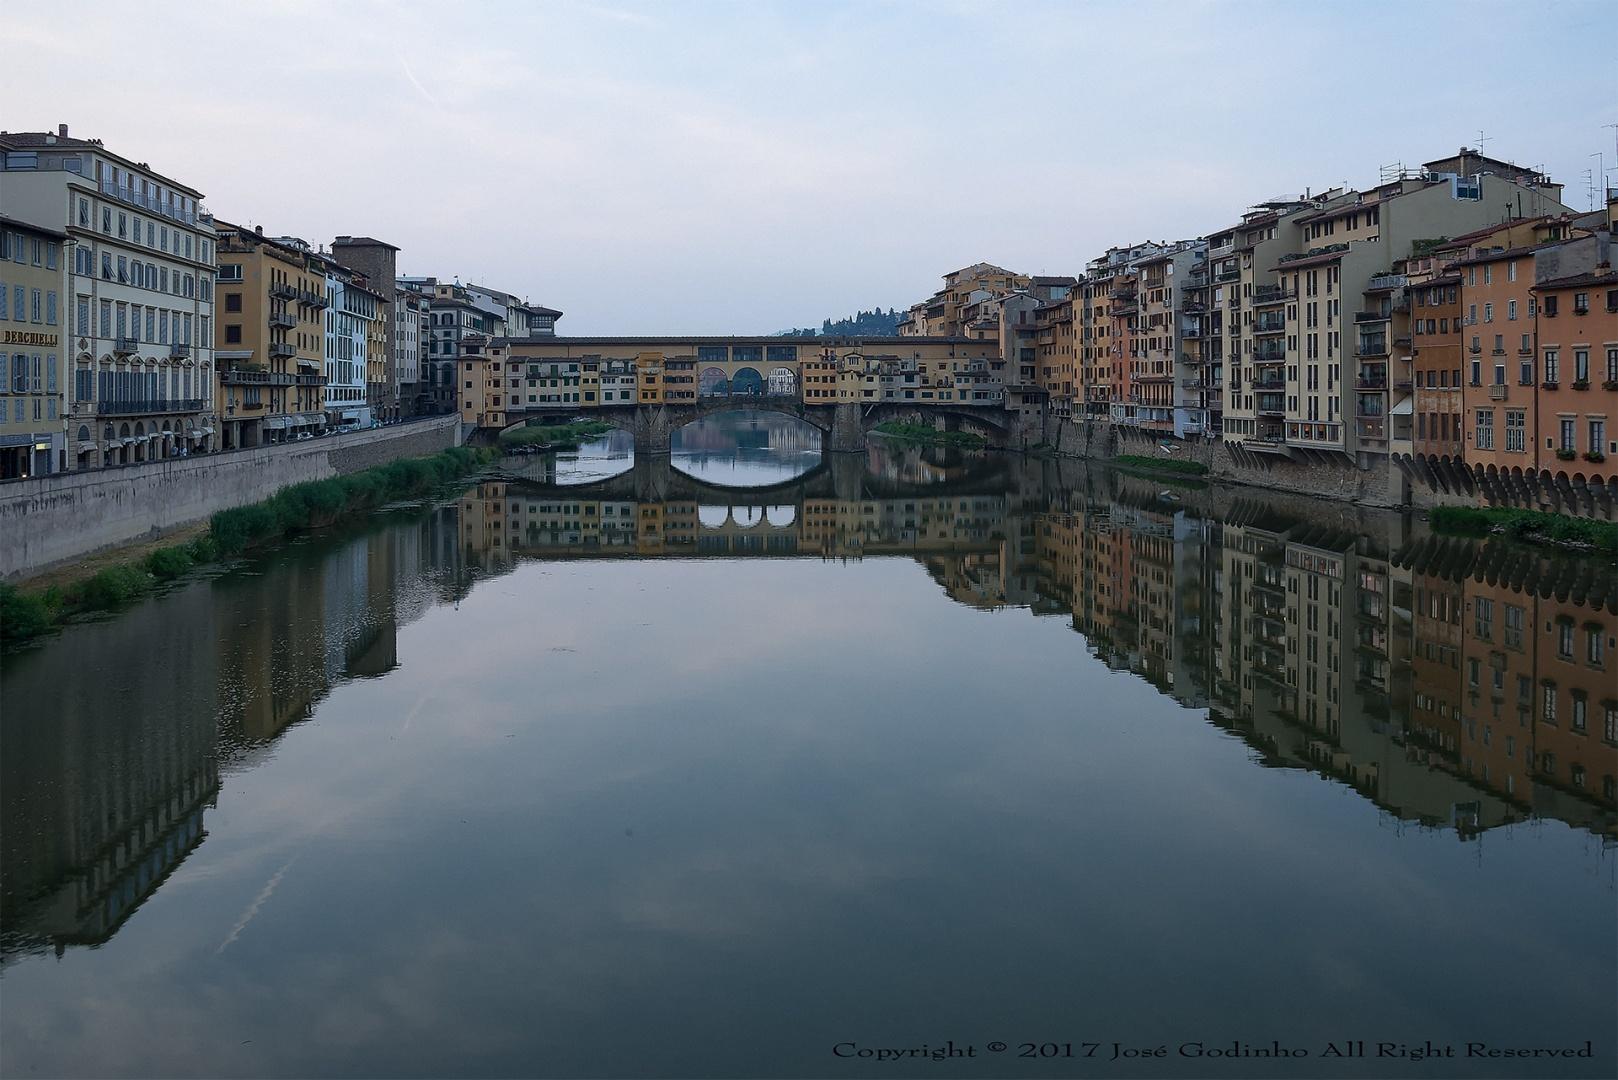 Paisagem Urbana/Amanhecer em Florença - Ponte Vecchio